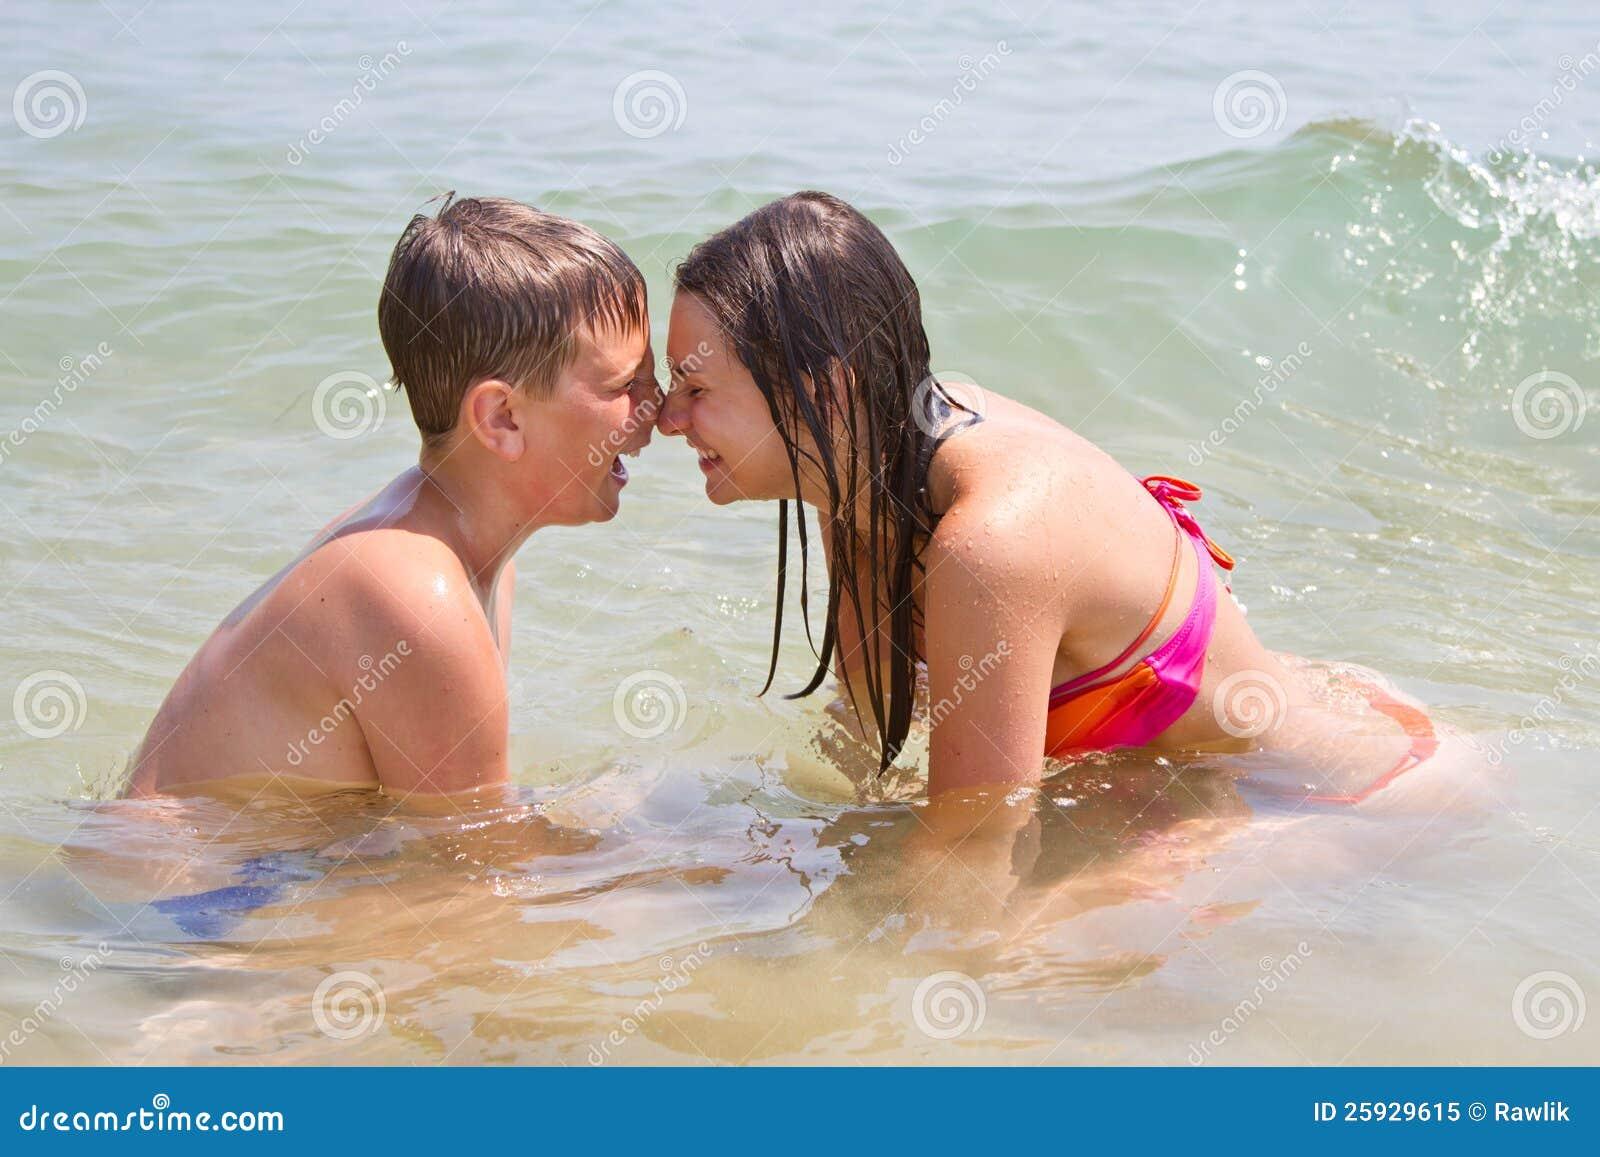 Смотреть брат с сестрой порно онлайн 9 фотография